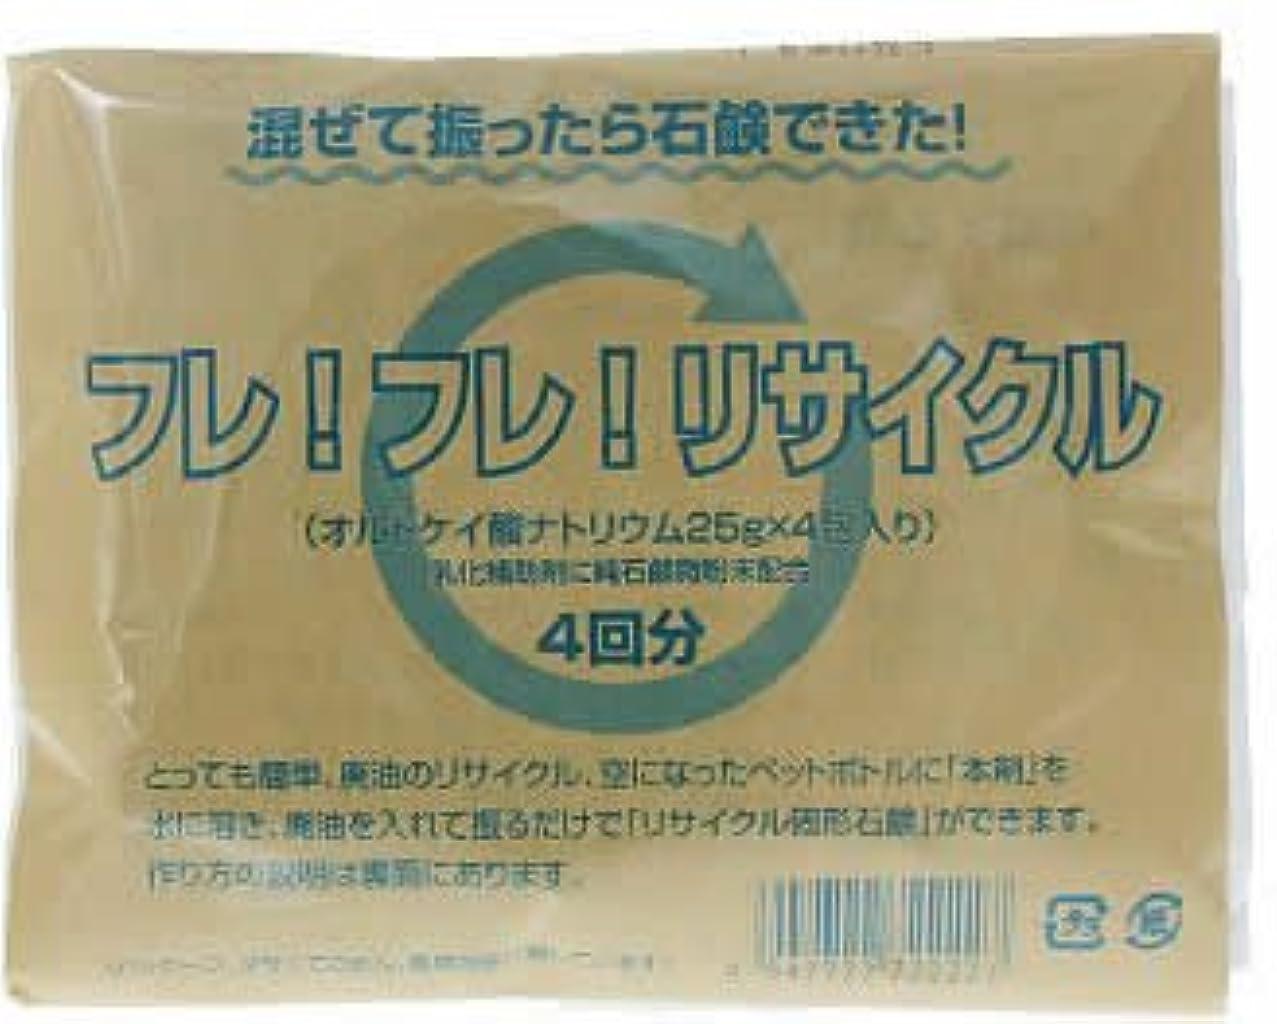 ホテル消毒剤飽和するねば塾 フレフレリサイクル(25g*4包入)